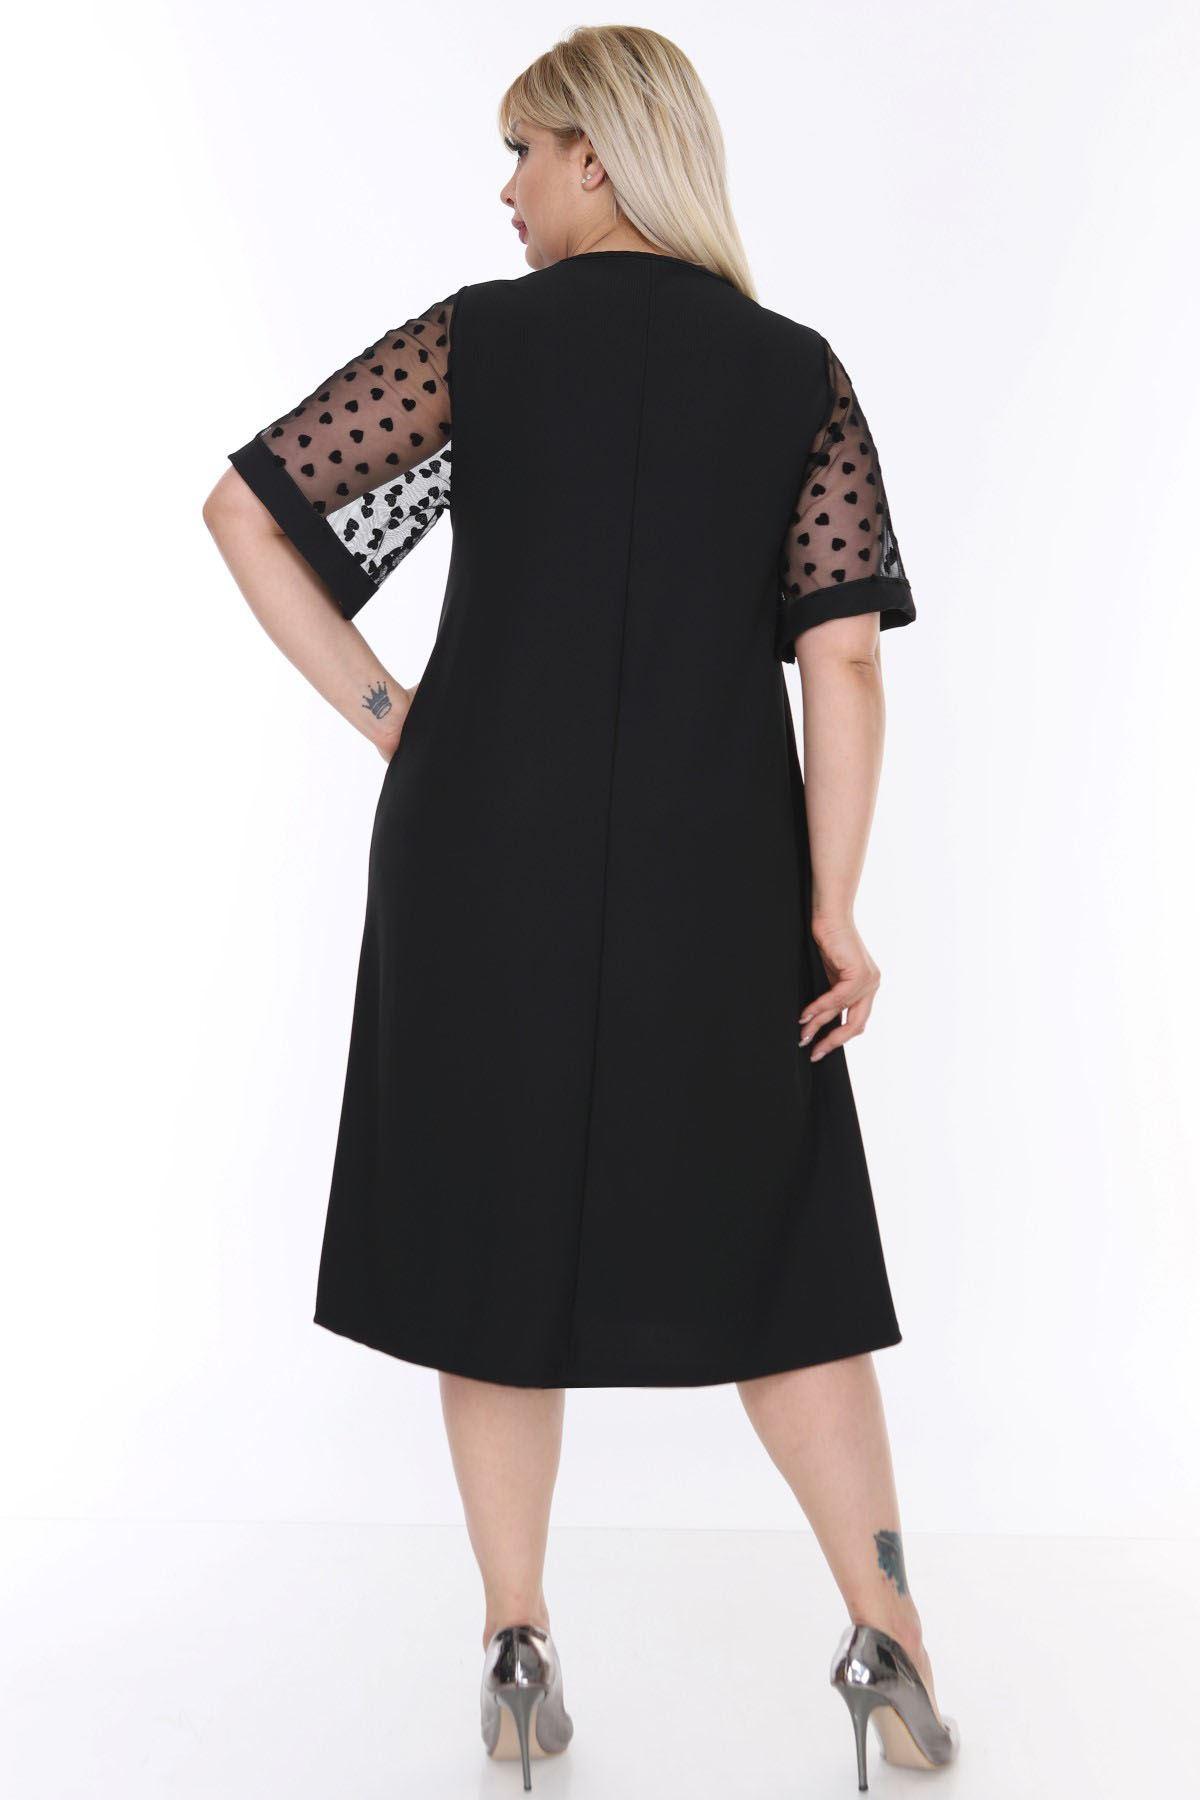 Kalpli Kol Siyah Elbise 1A-0576